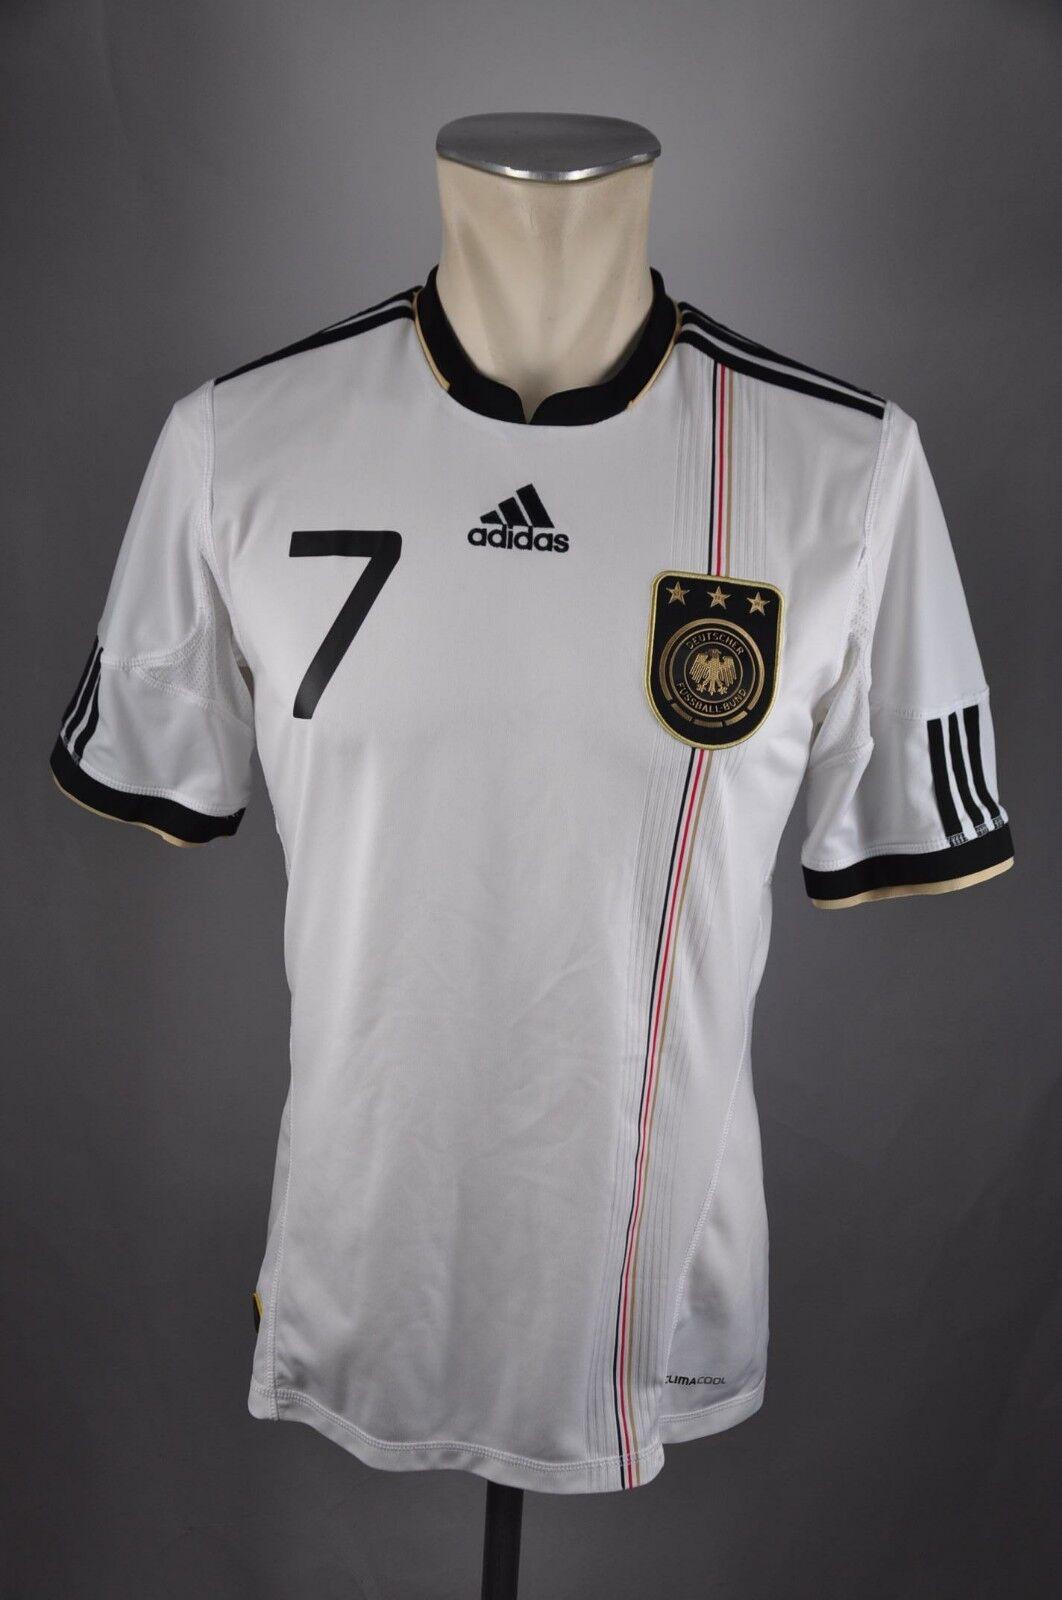 Deutschland DFB Schweinsteiger Home Trikot S Adidas 2010 WM Shirt Germany